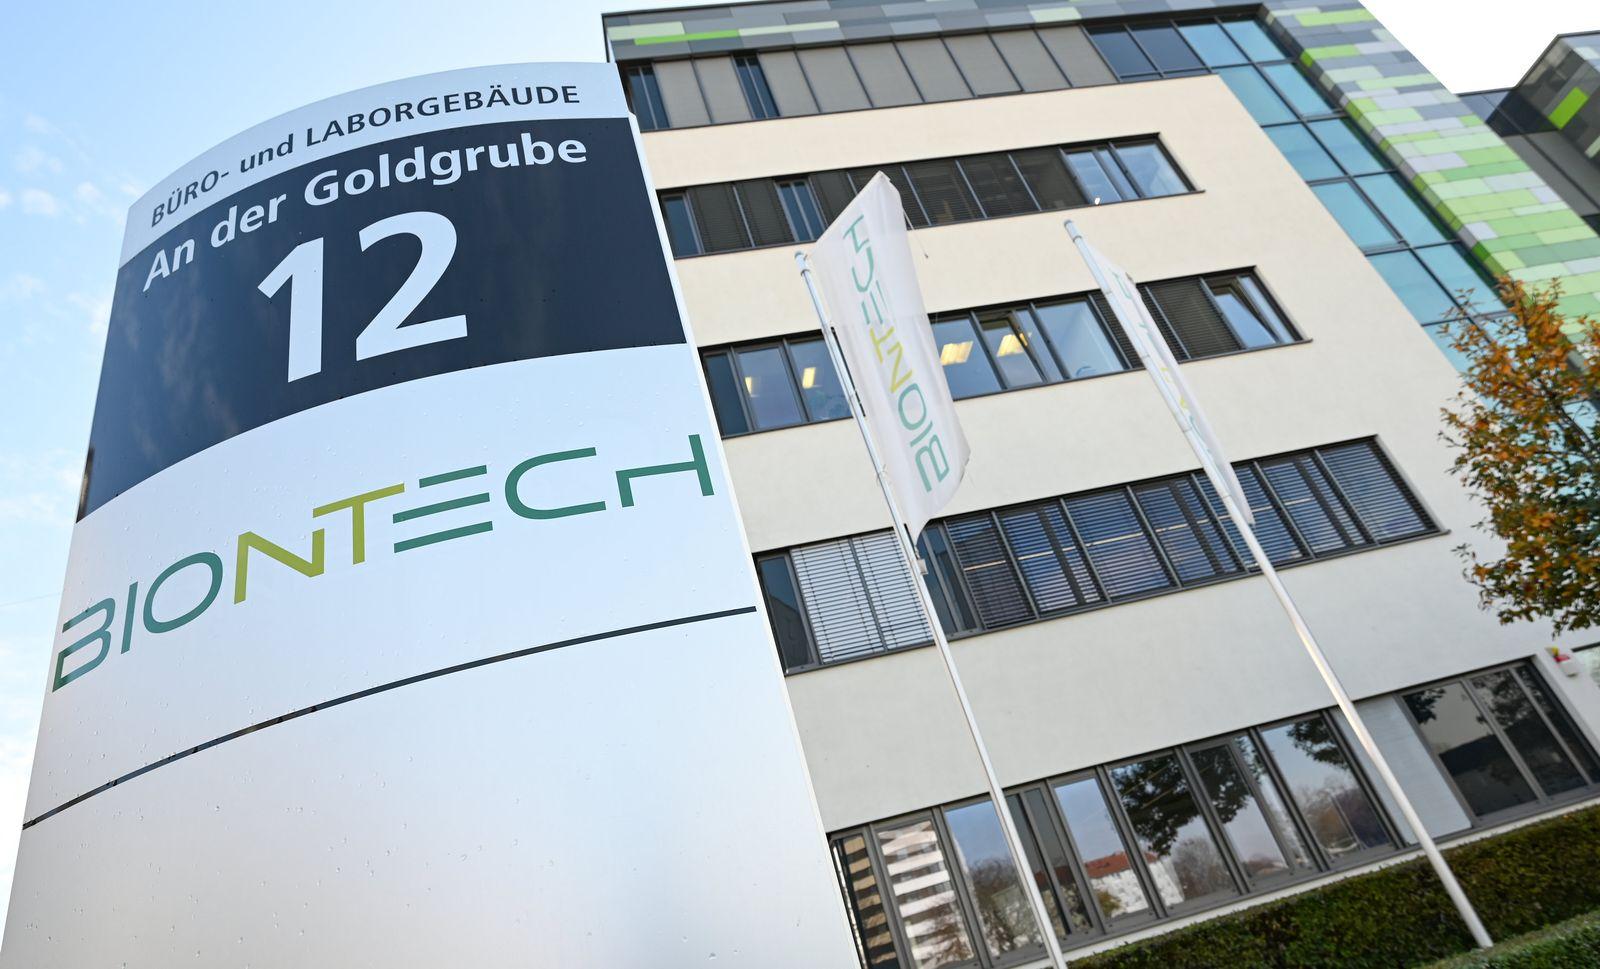 Biotechnologie-Unternehmen Biontech in Mainz